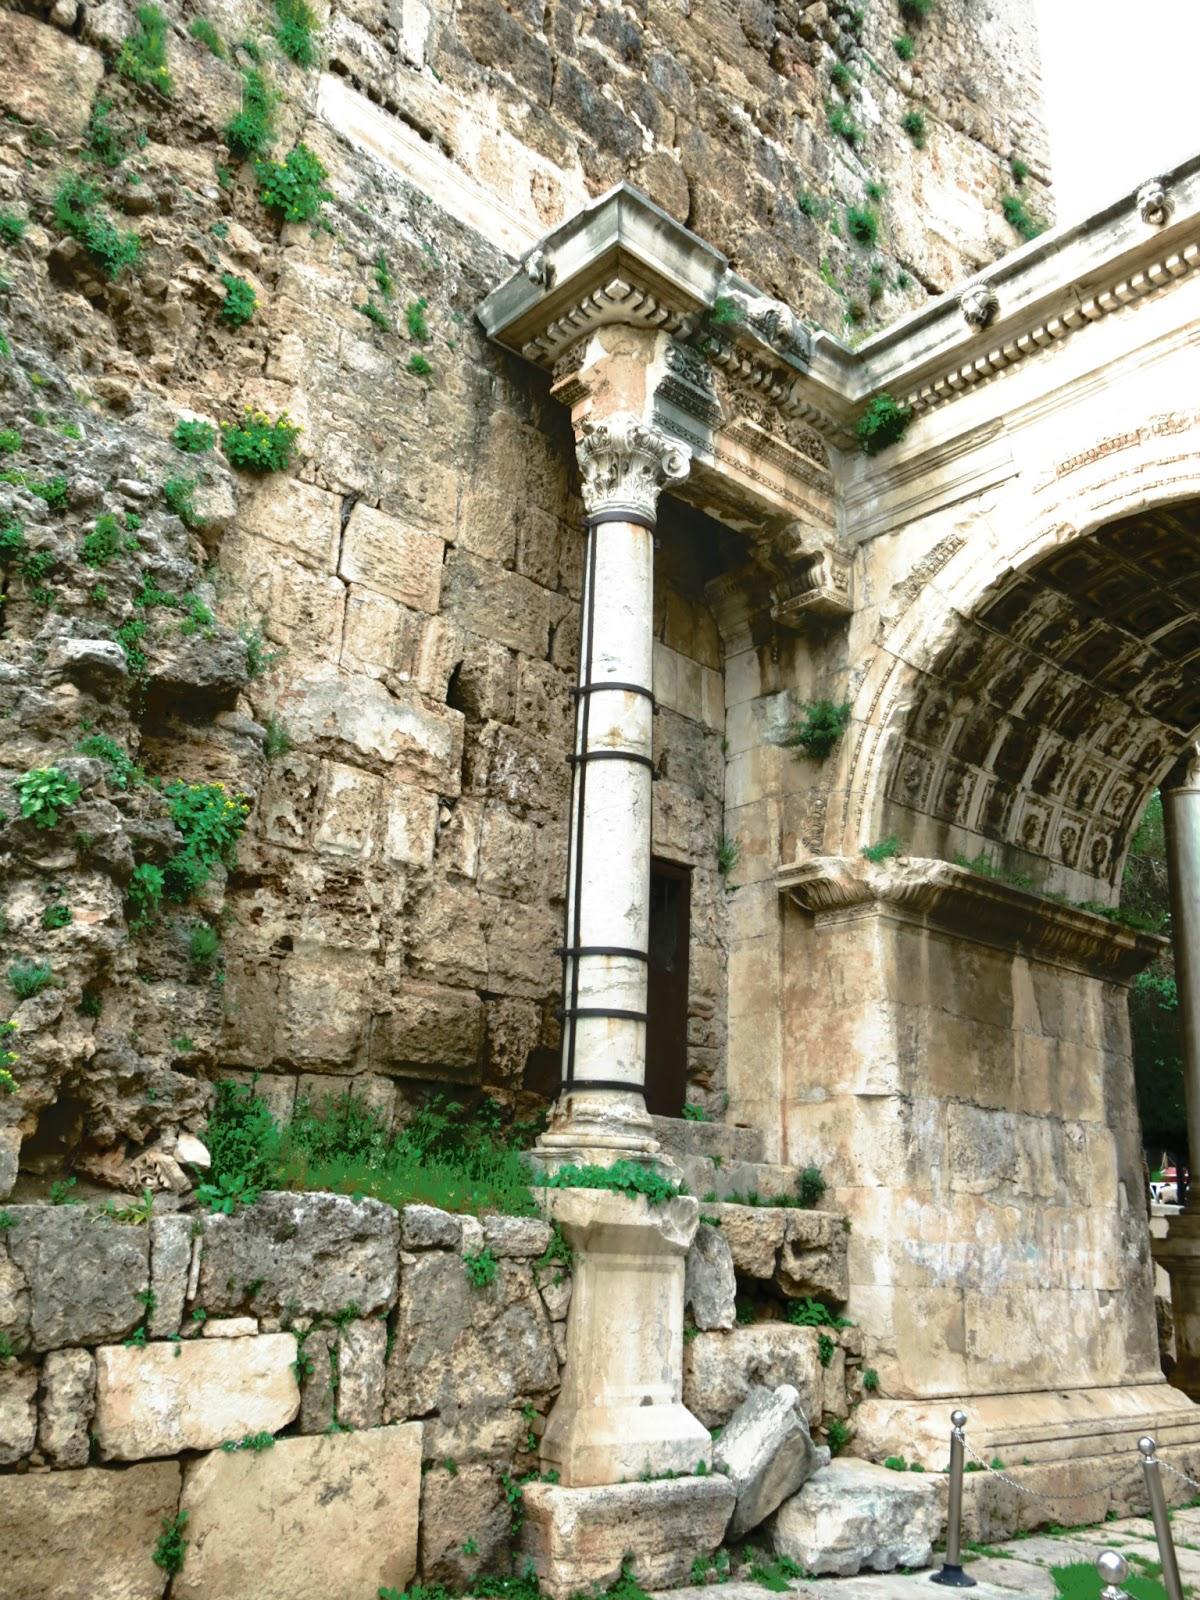 Antalyas gamla stadsdel Kaleiçi